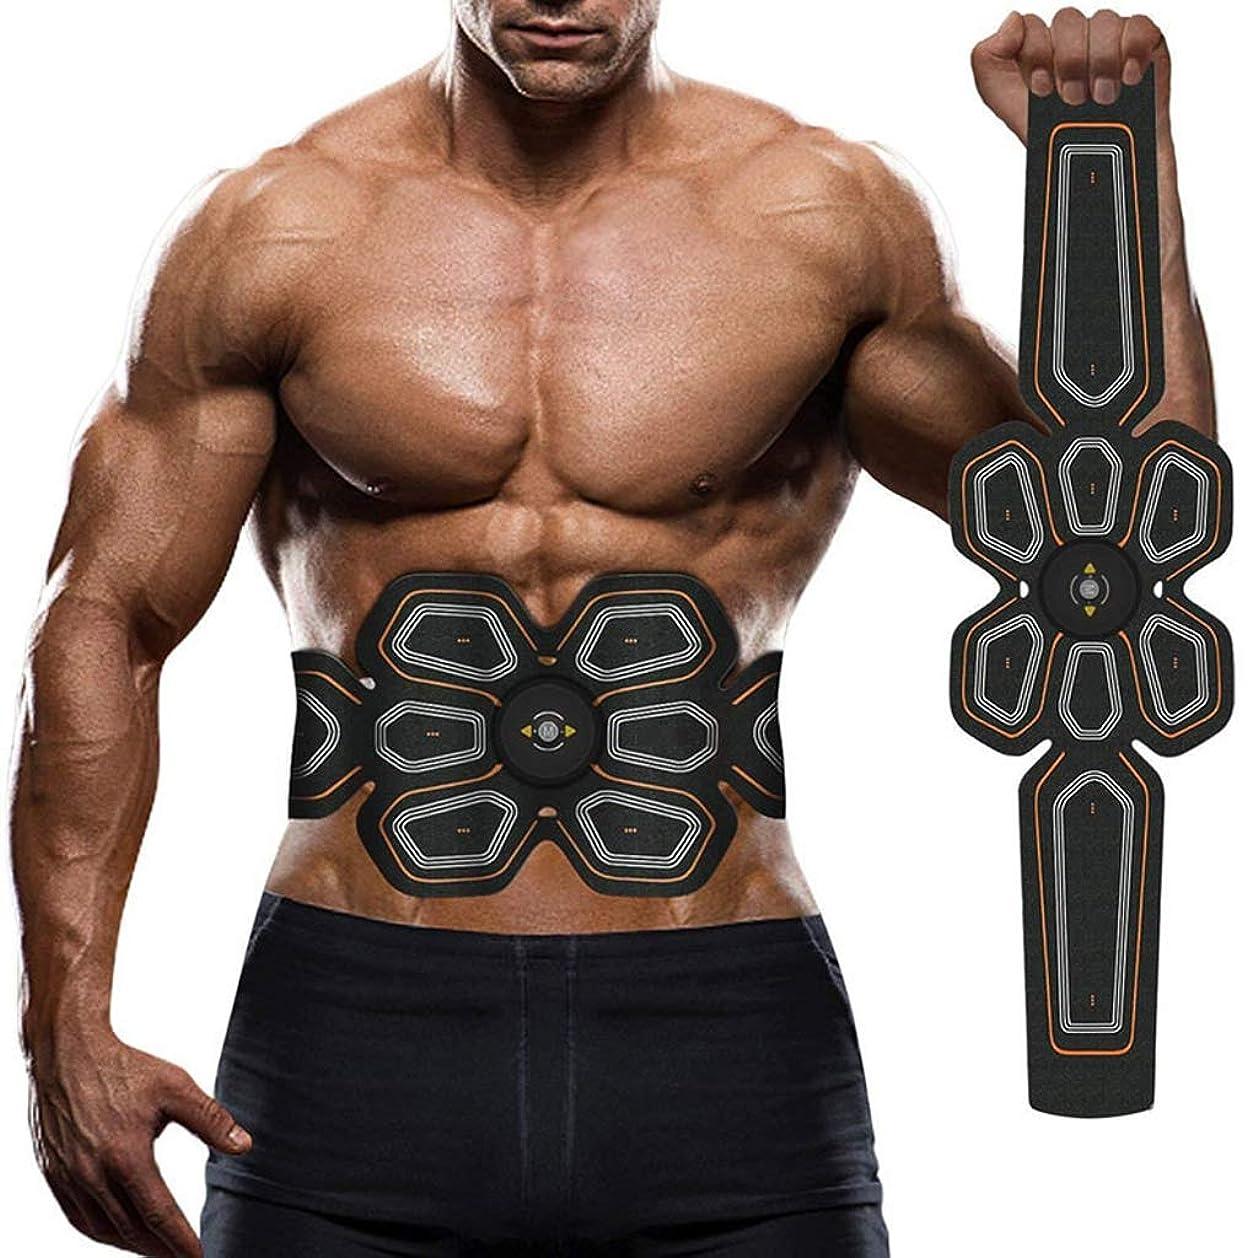 快い枯渇ひどく電気腹部筋肉刺激装置、ABSウエストトレーナーフィットネス減量体重減少マッサージャー用男性と女性の脂肪燃焼